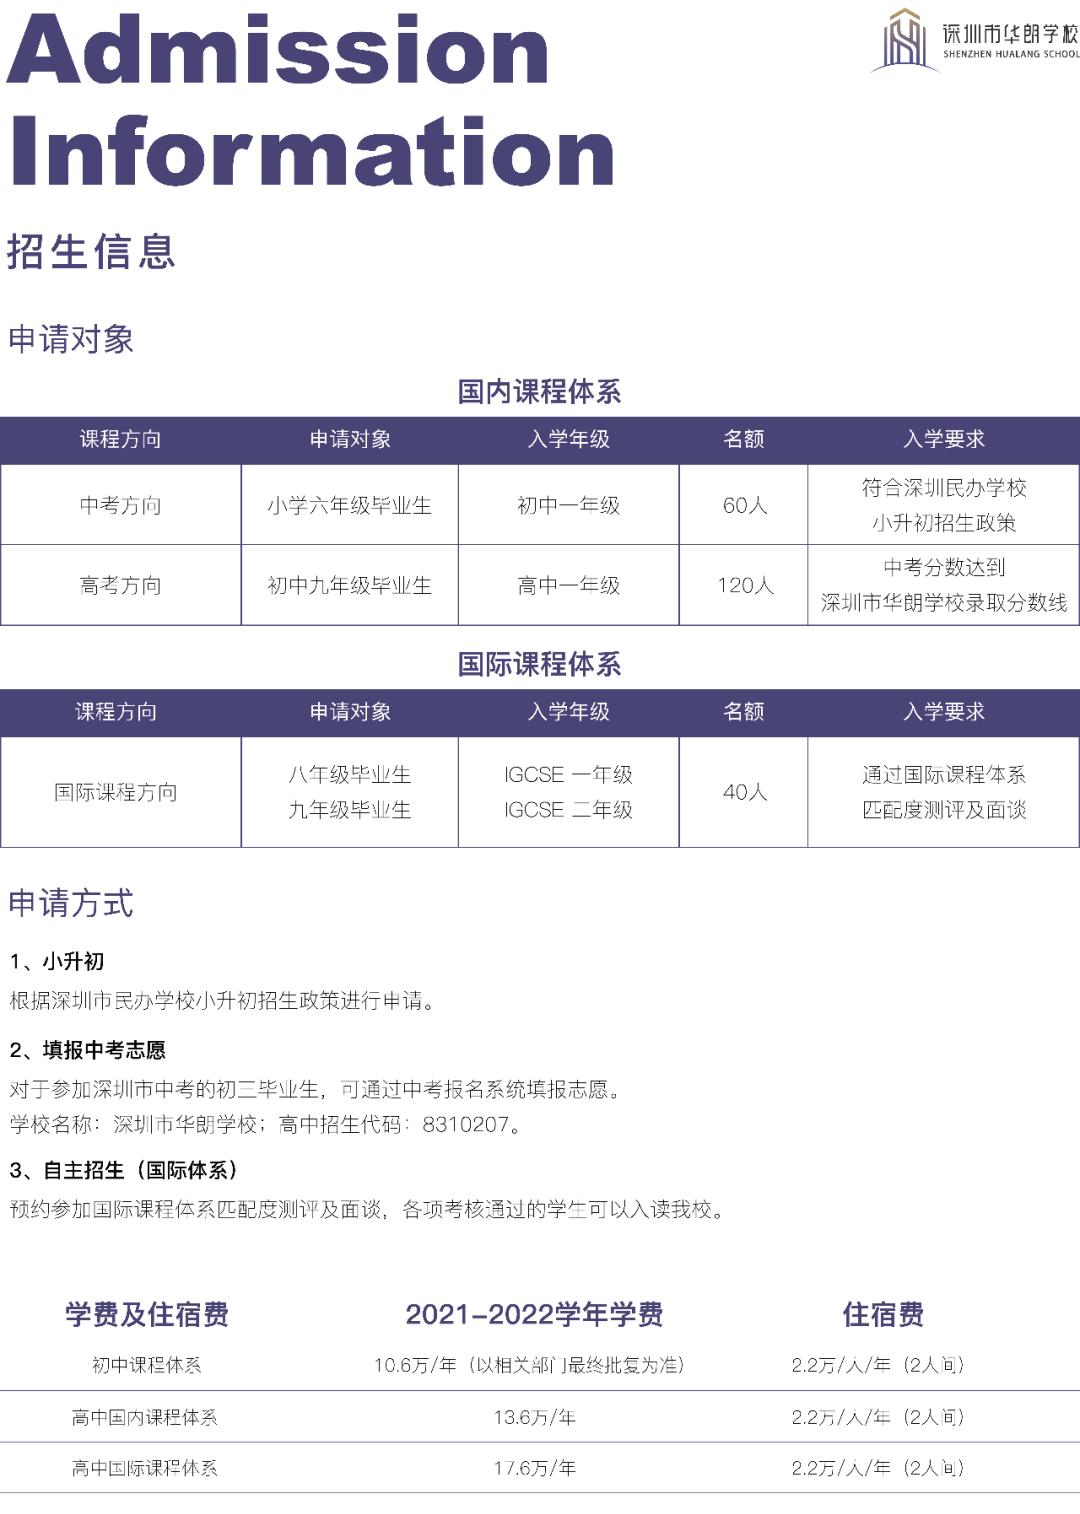 深圳坪山教育 | 坪山新增一所高投入、高起点民办学校!今年9月正式开学